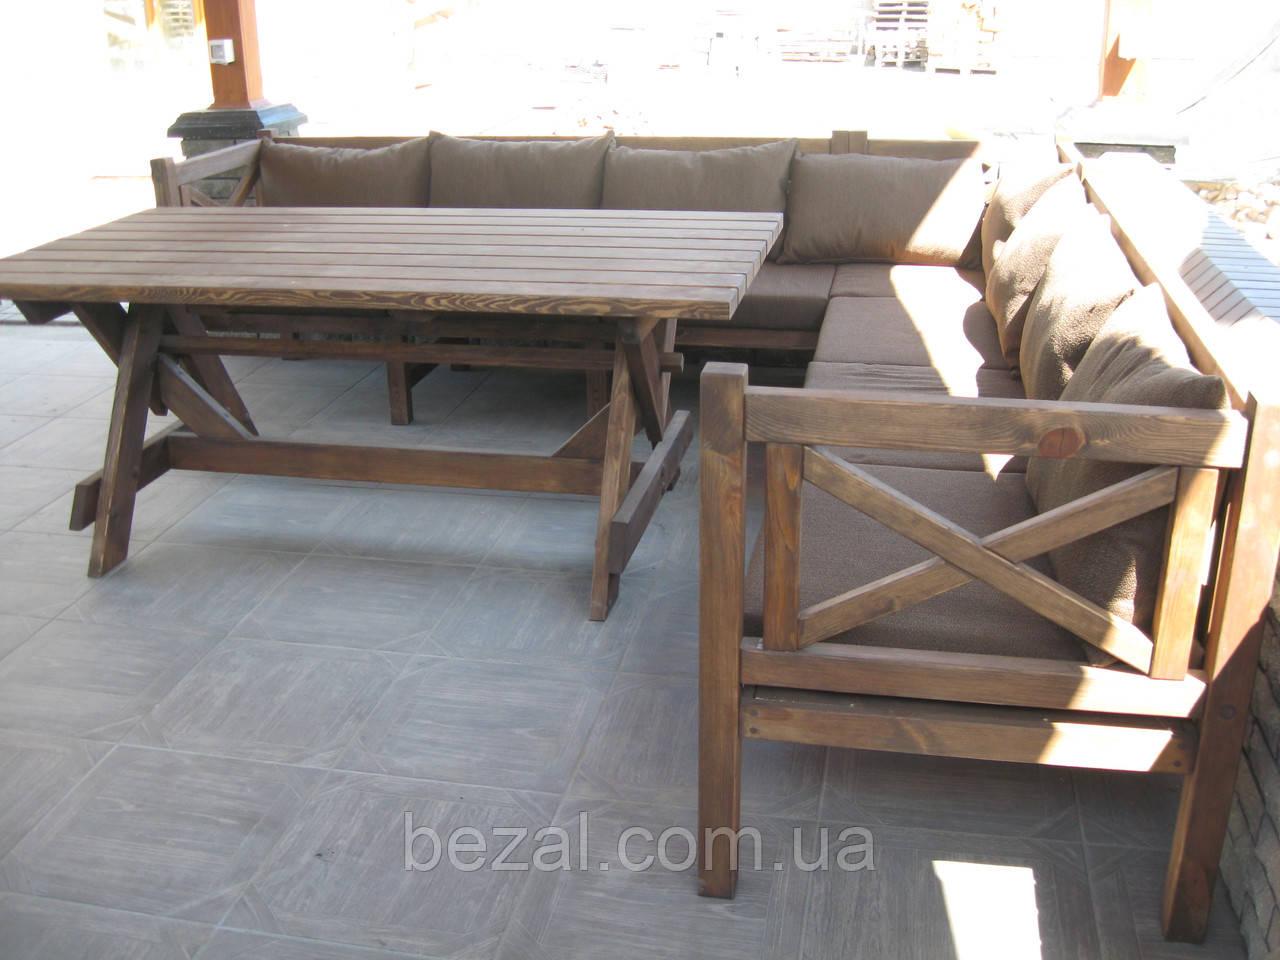 Стіл Еміне 2,2 м, дерев'яні меблі для дачі Еміне